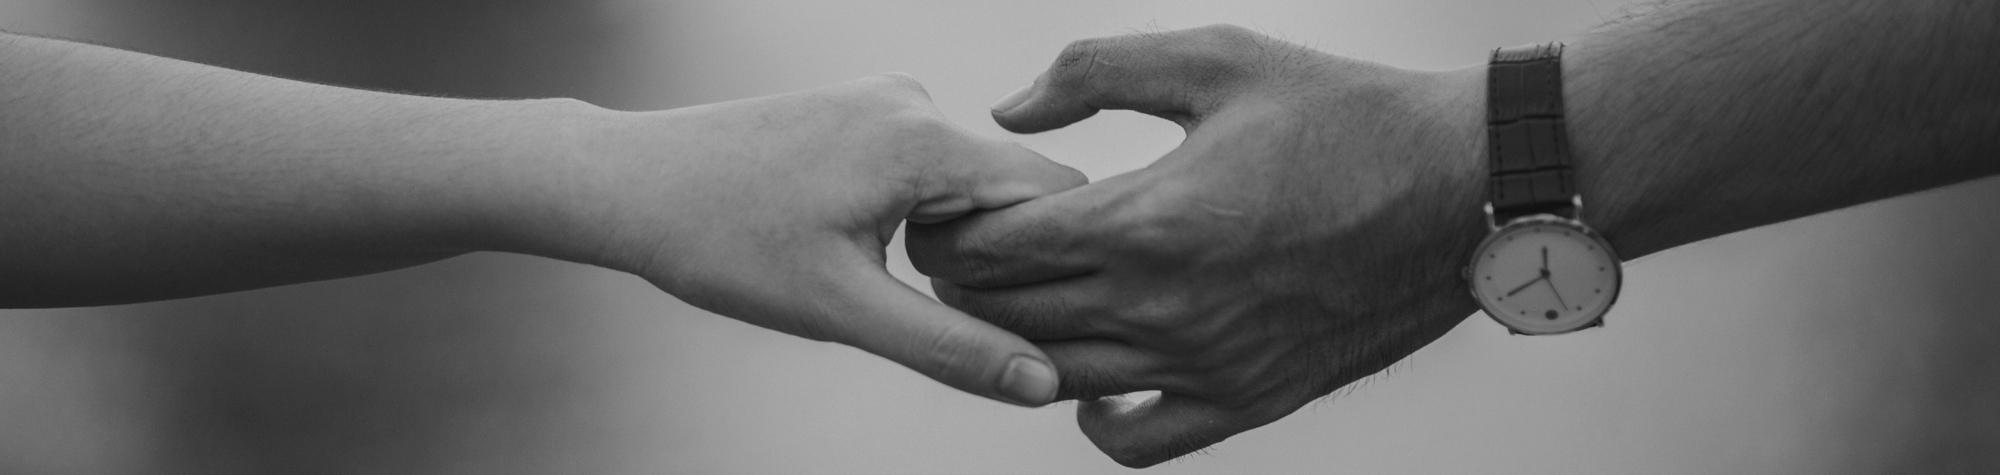 Relaciones tóxicas: aprender a reconocerlas y a evitarlas